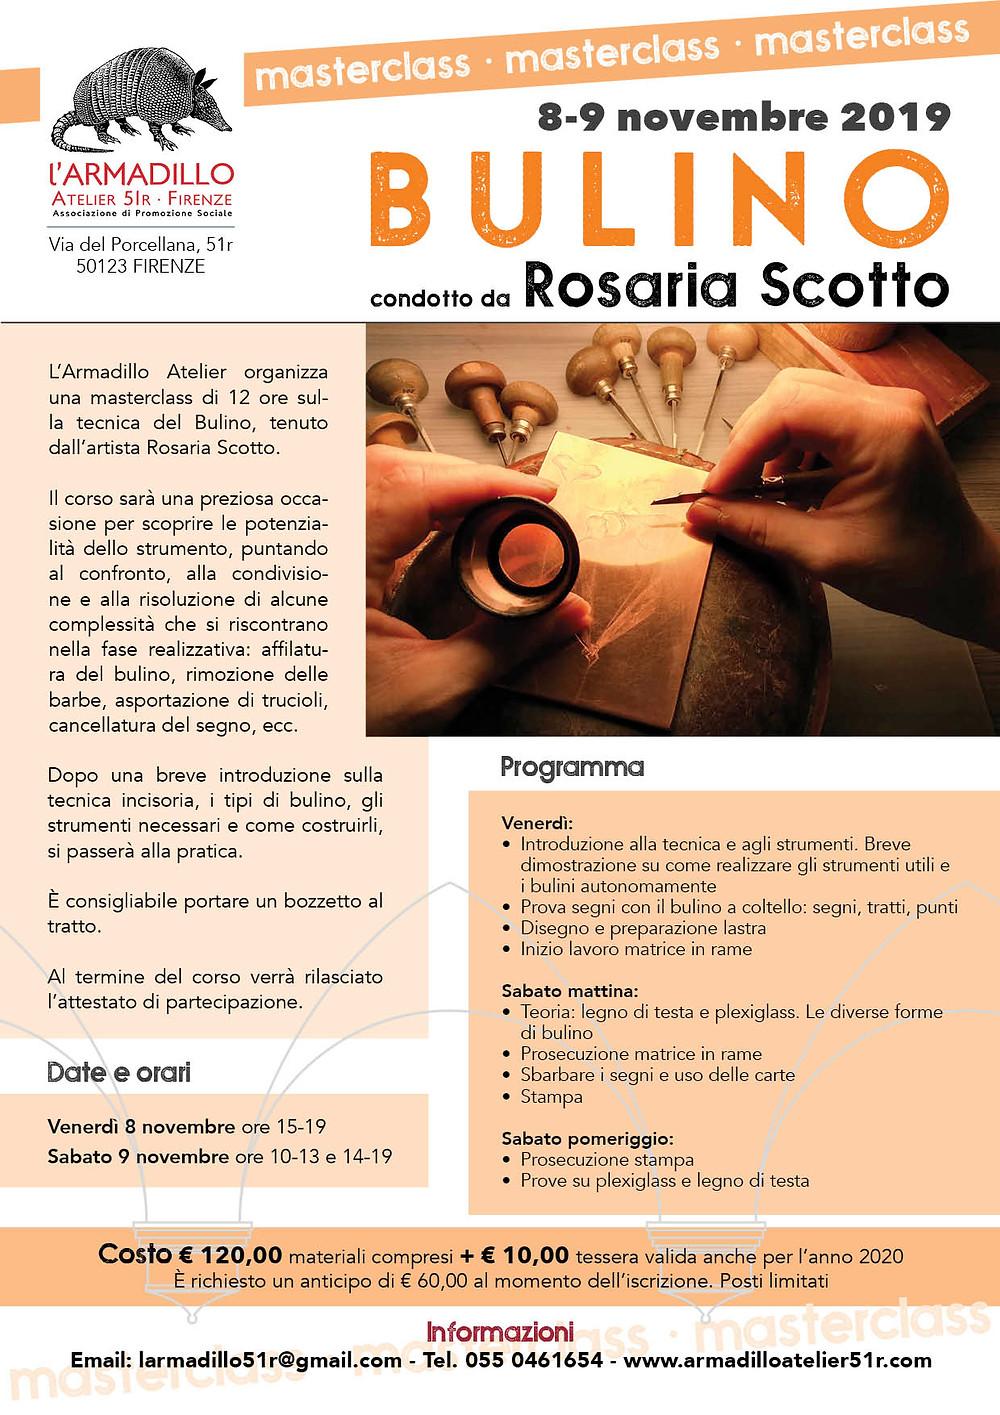 Masterclass di Bulino con Rosaria Scotto all'Armadillo Atelier